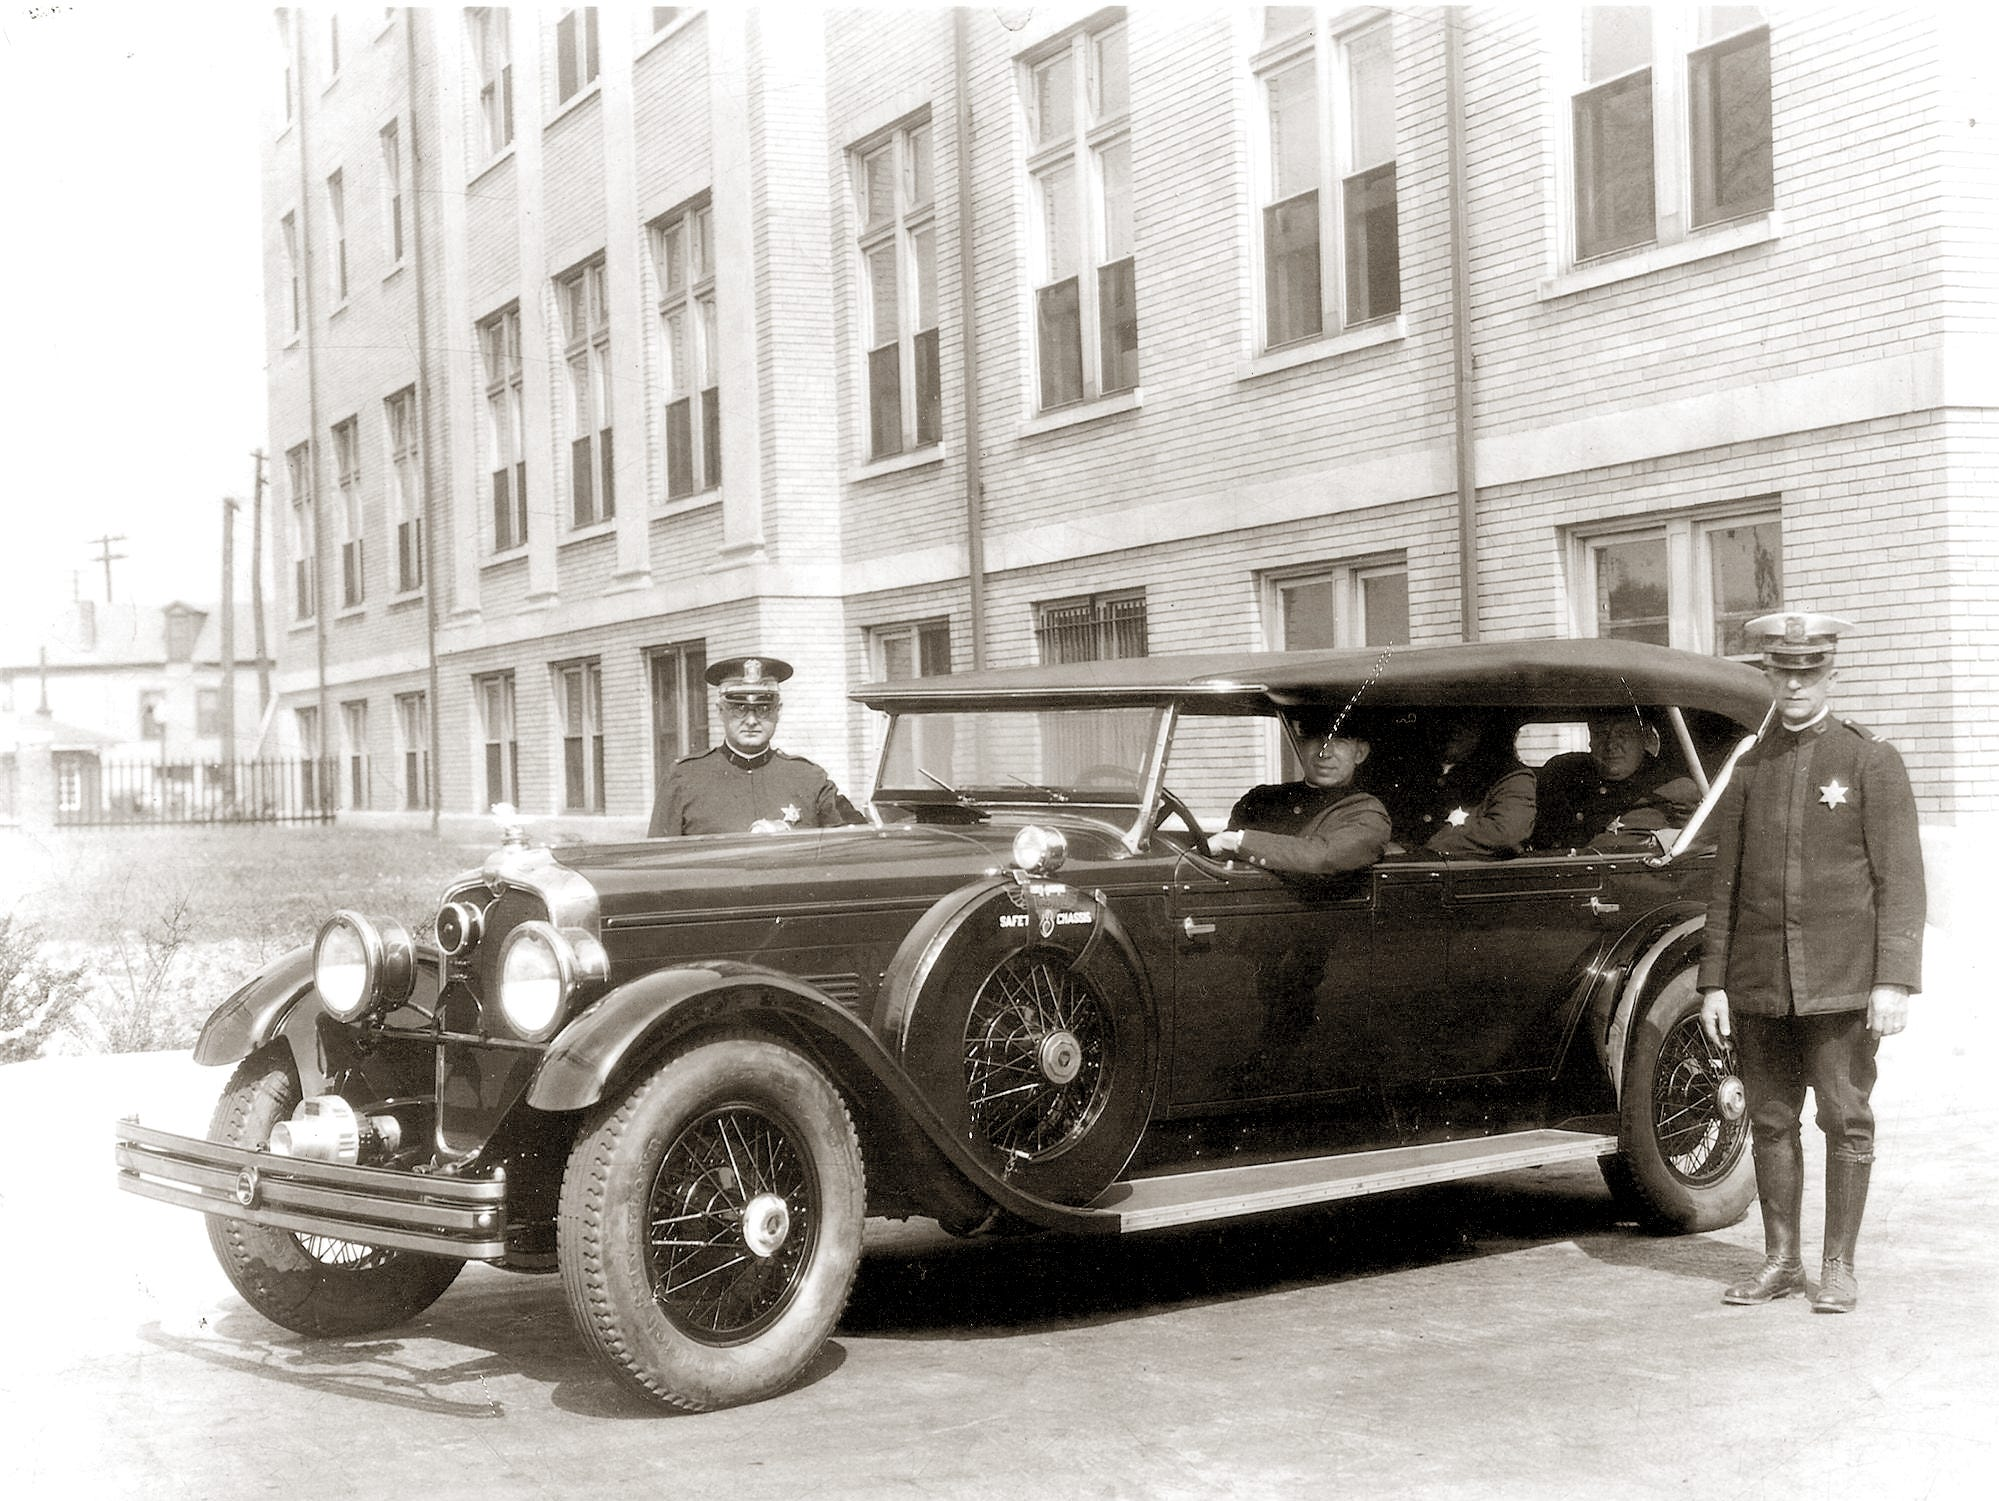 1928 Stutz touring car Indianapolis police.